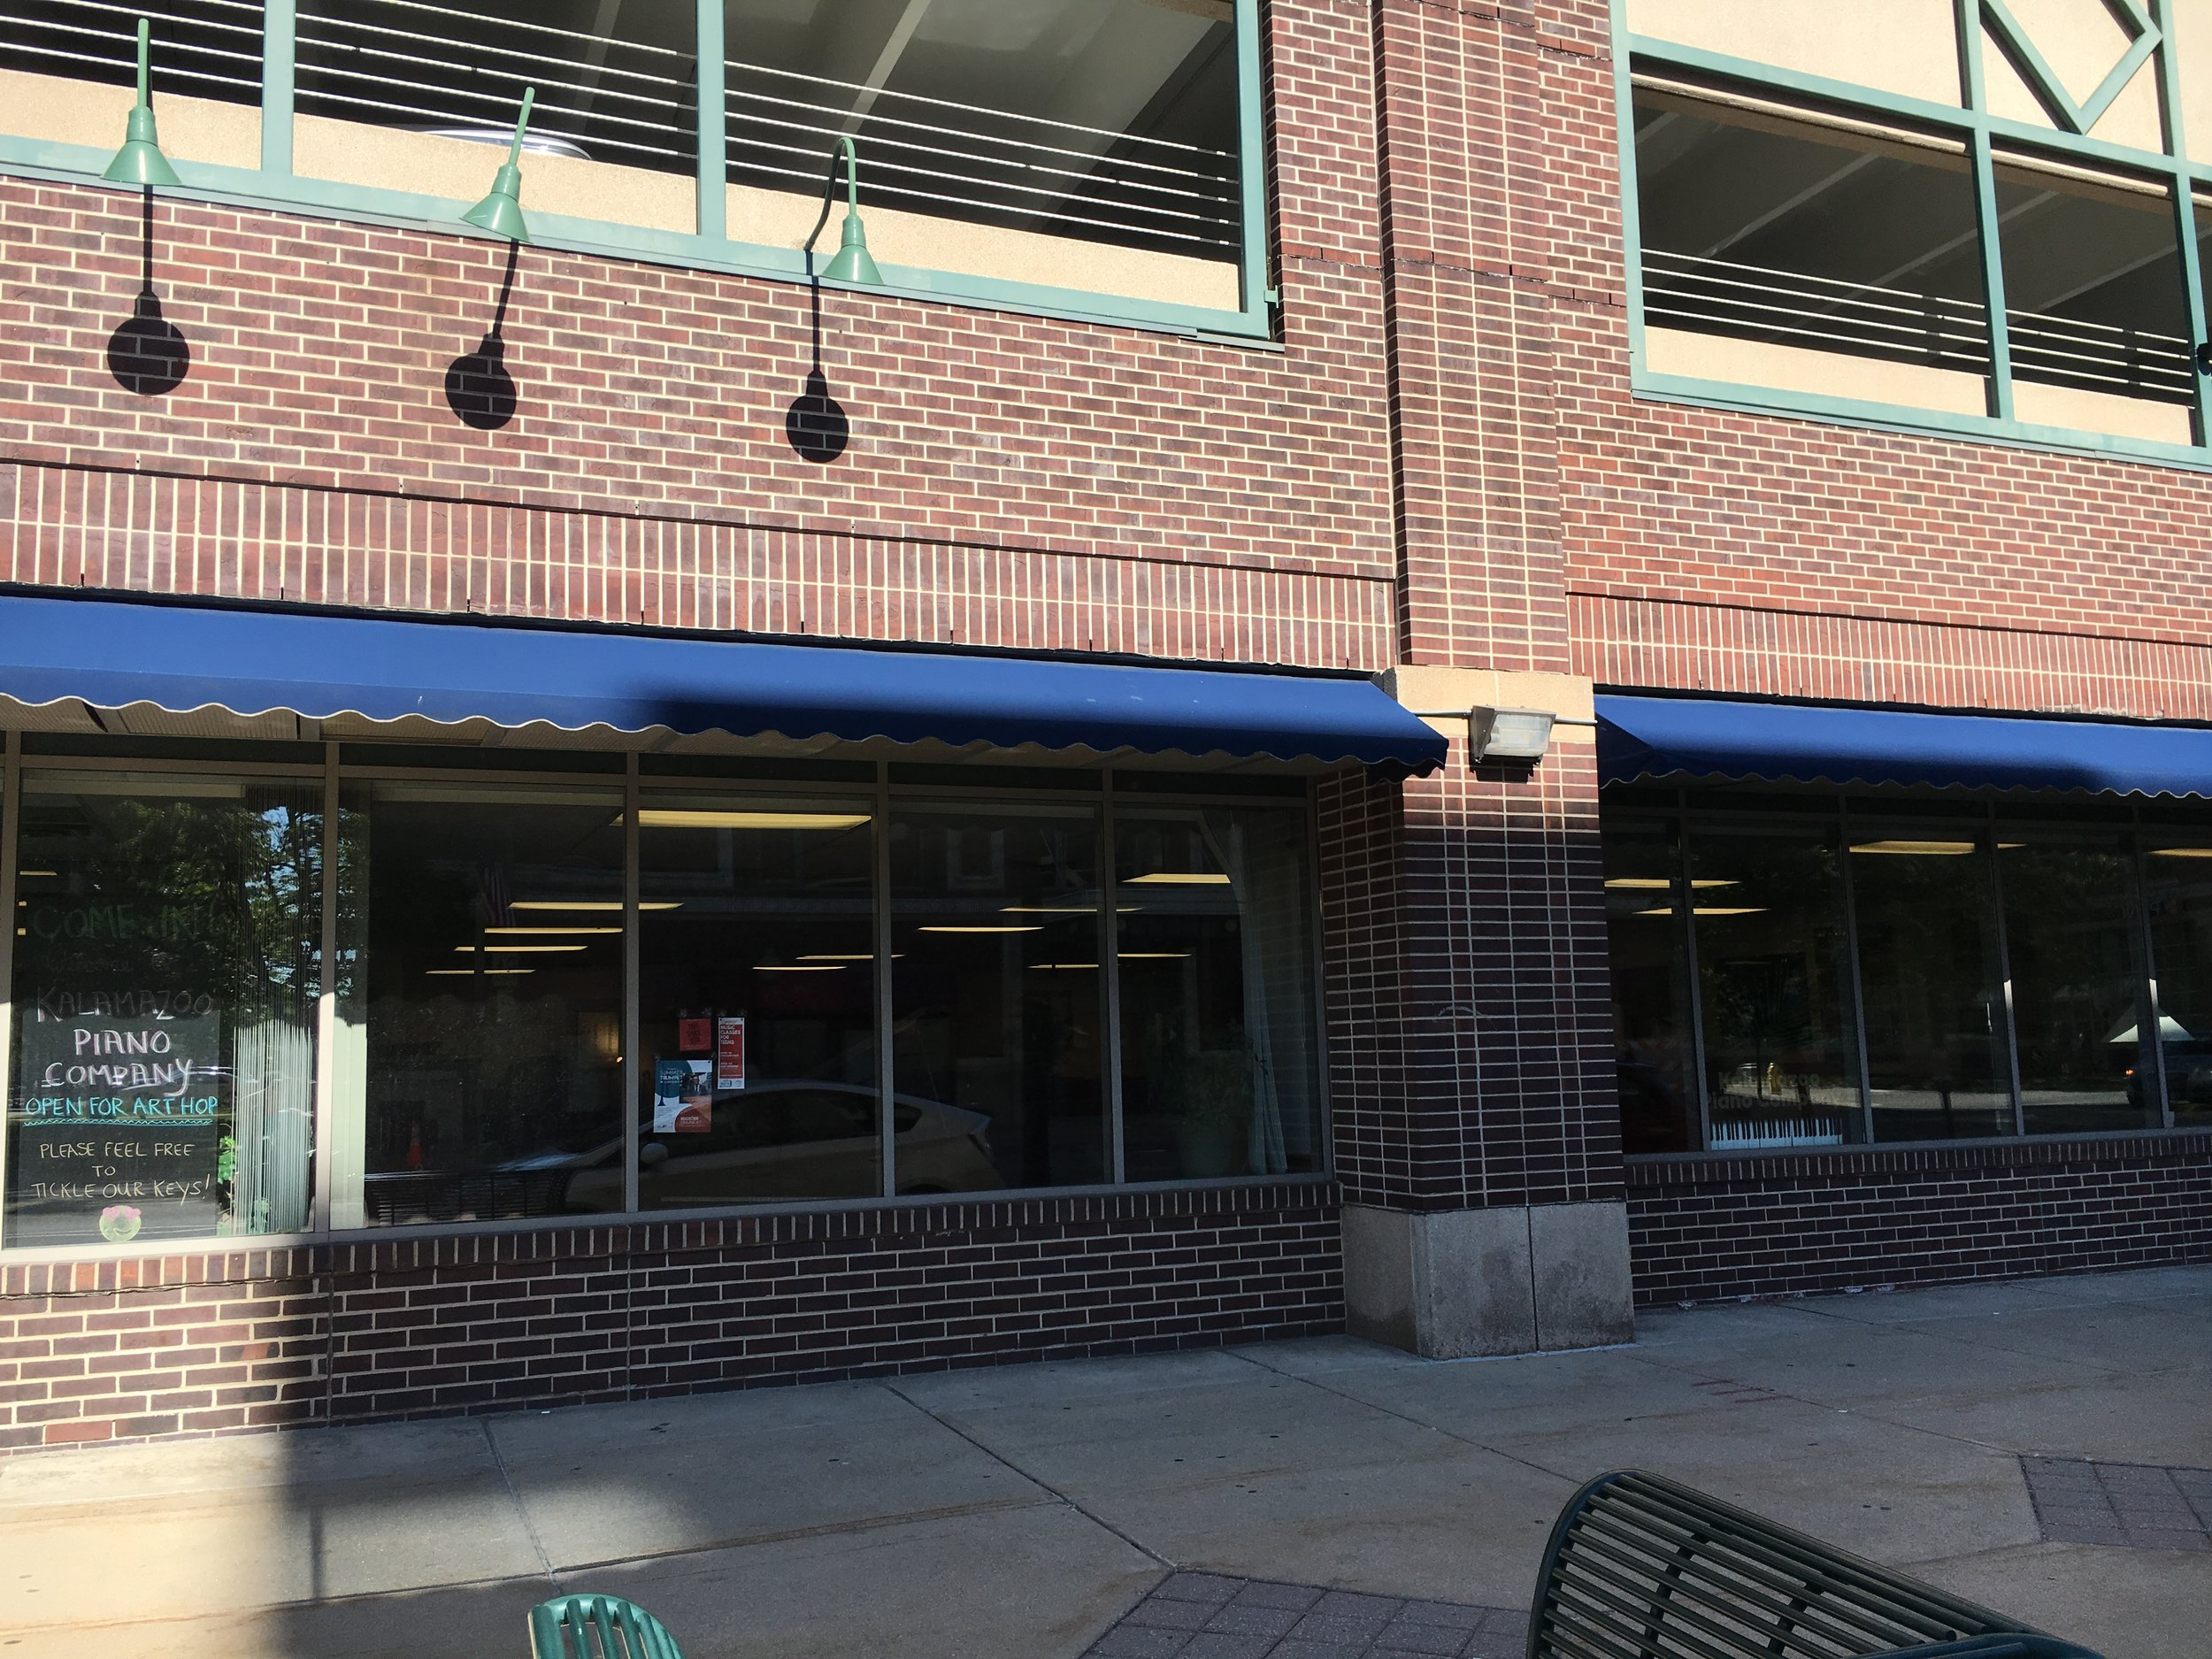 Exterior of the Jazz & Creative Institute/Kalamazoo Piano Company at 310 North Rose Street, Kalamazoo, MI.